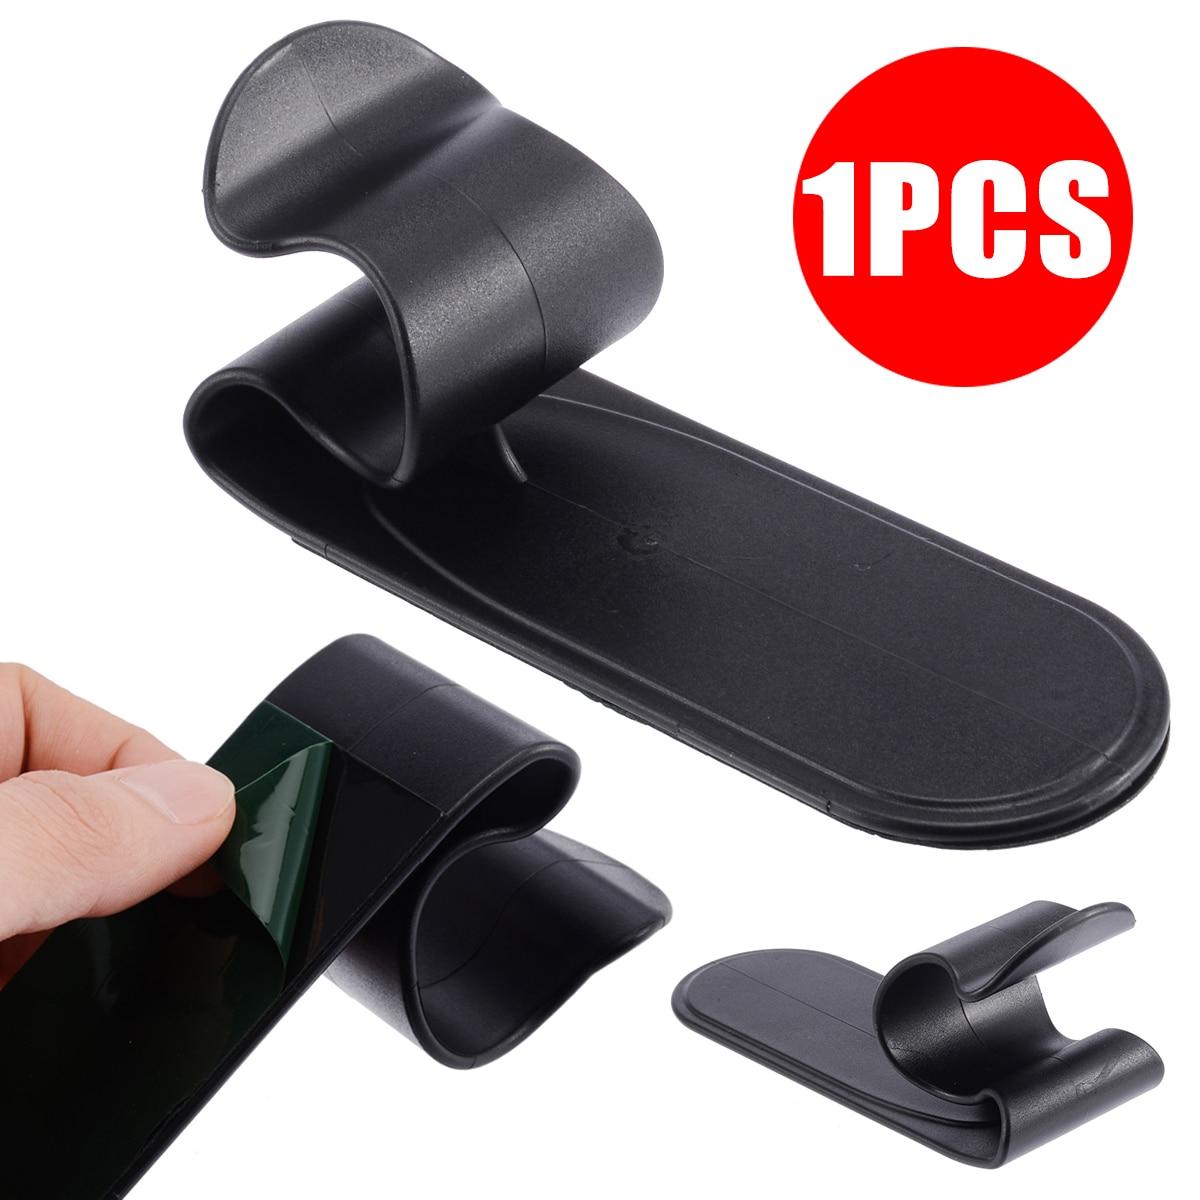 Treyues 1x universal carro/casa guarda-chuva gancho titular gancho clipe prendedor preto acessórios interiores do carro